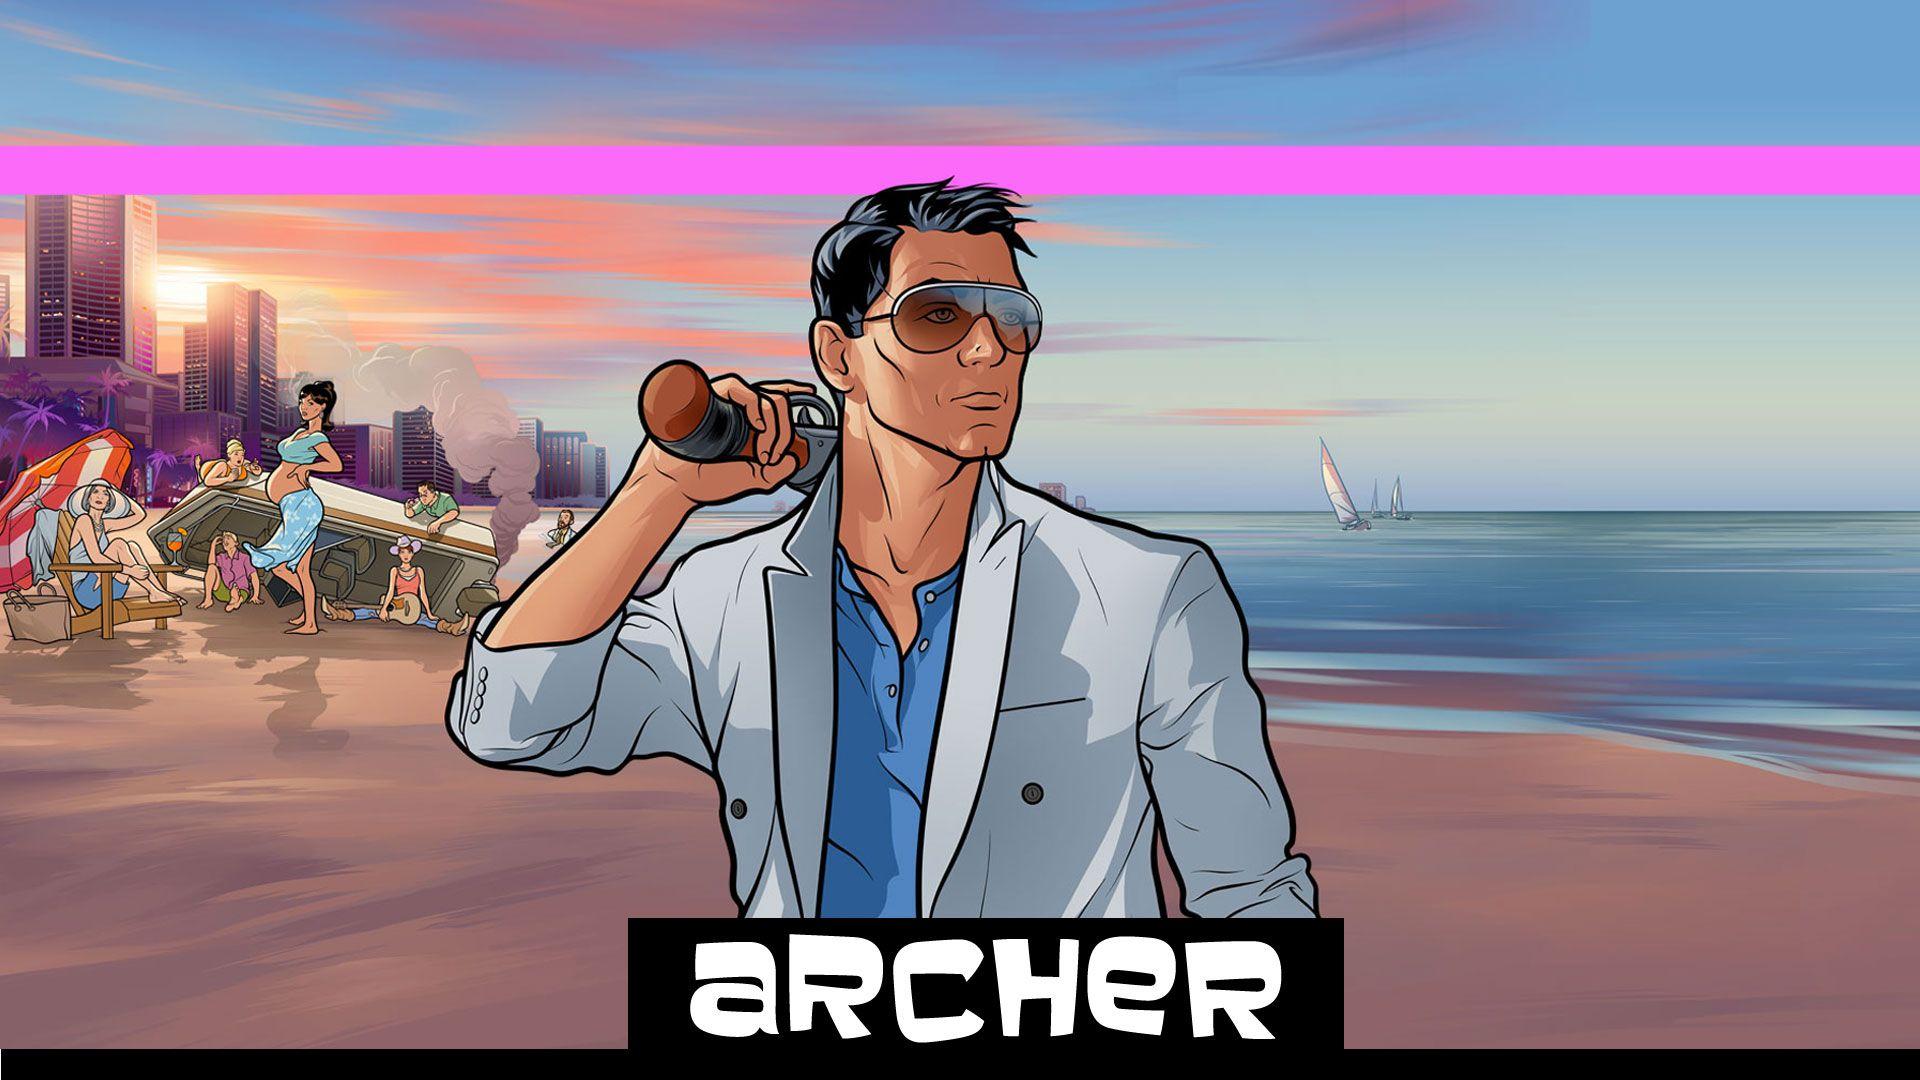 Archer Wallpaper For Mac 83c Wallpaper Archer Wallpaper Backgrounds